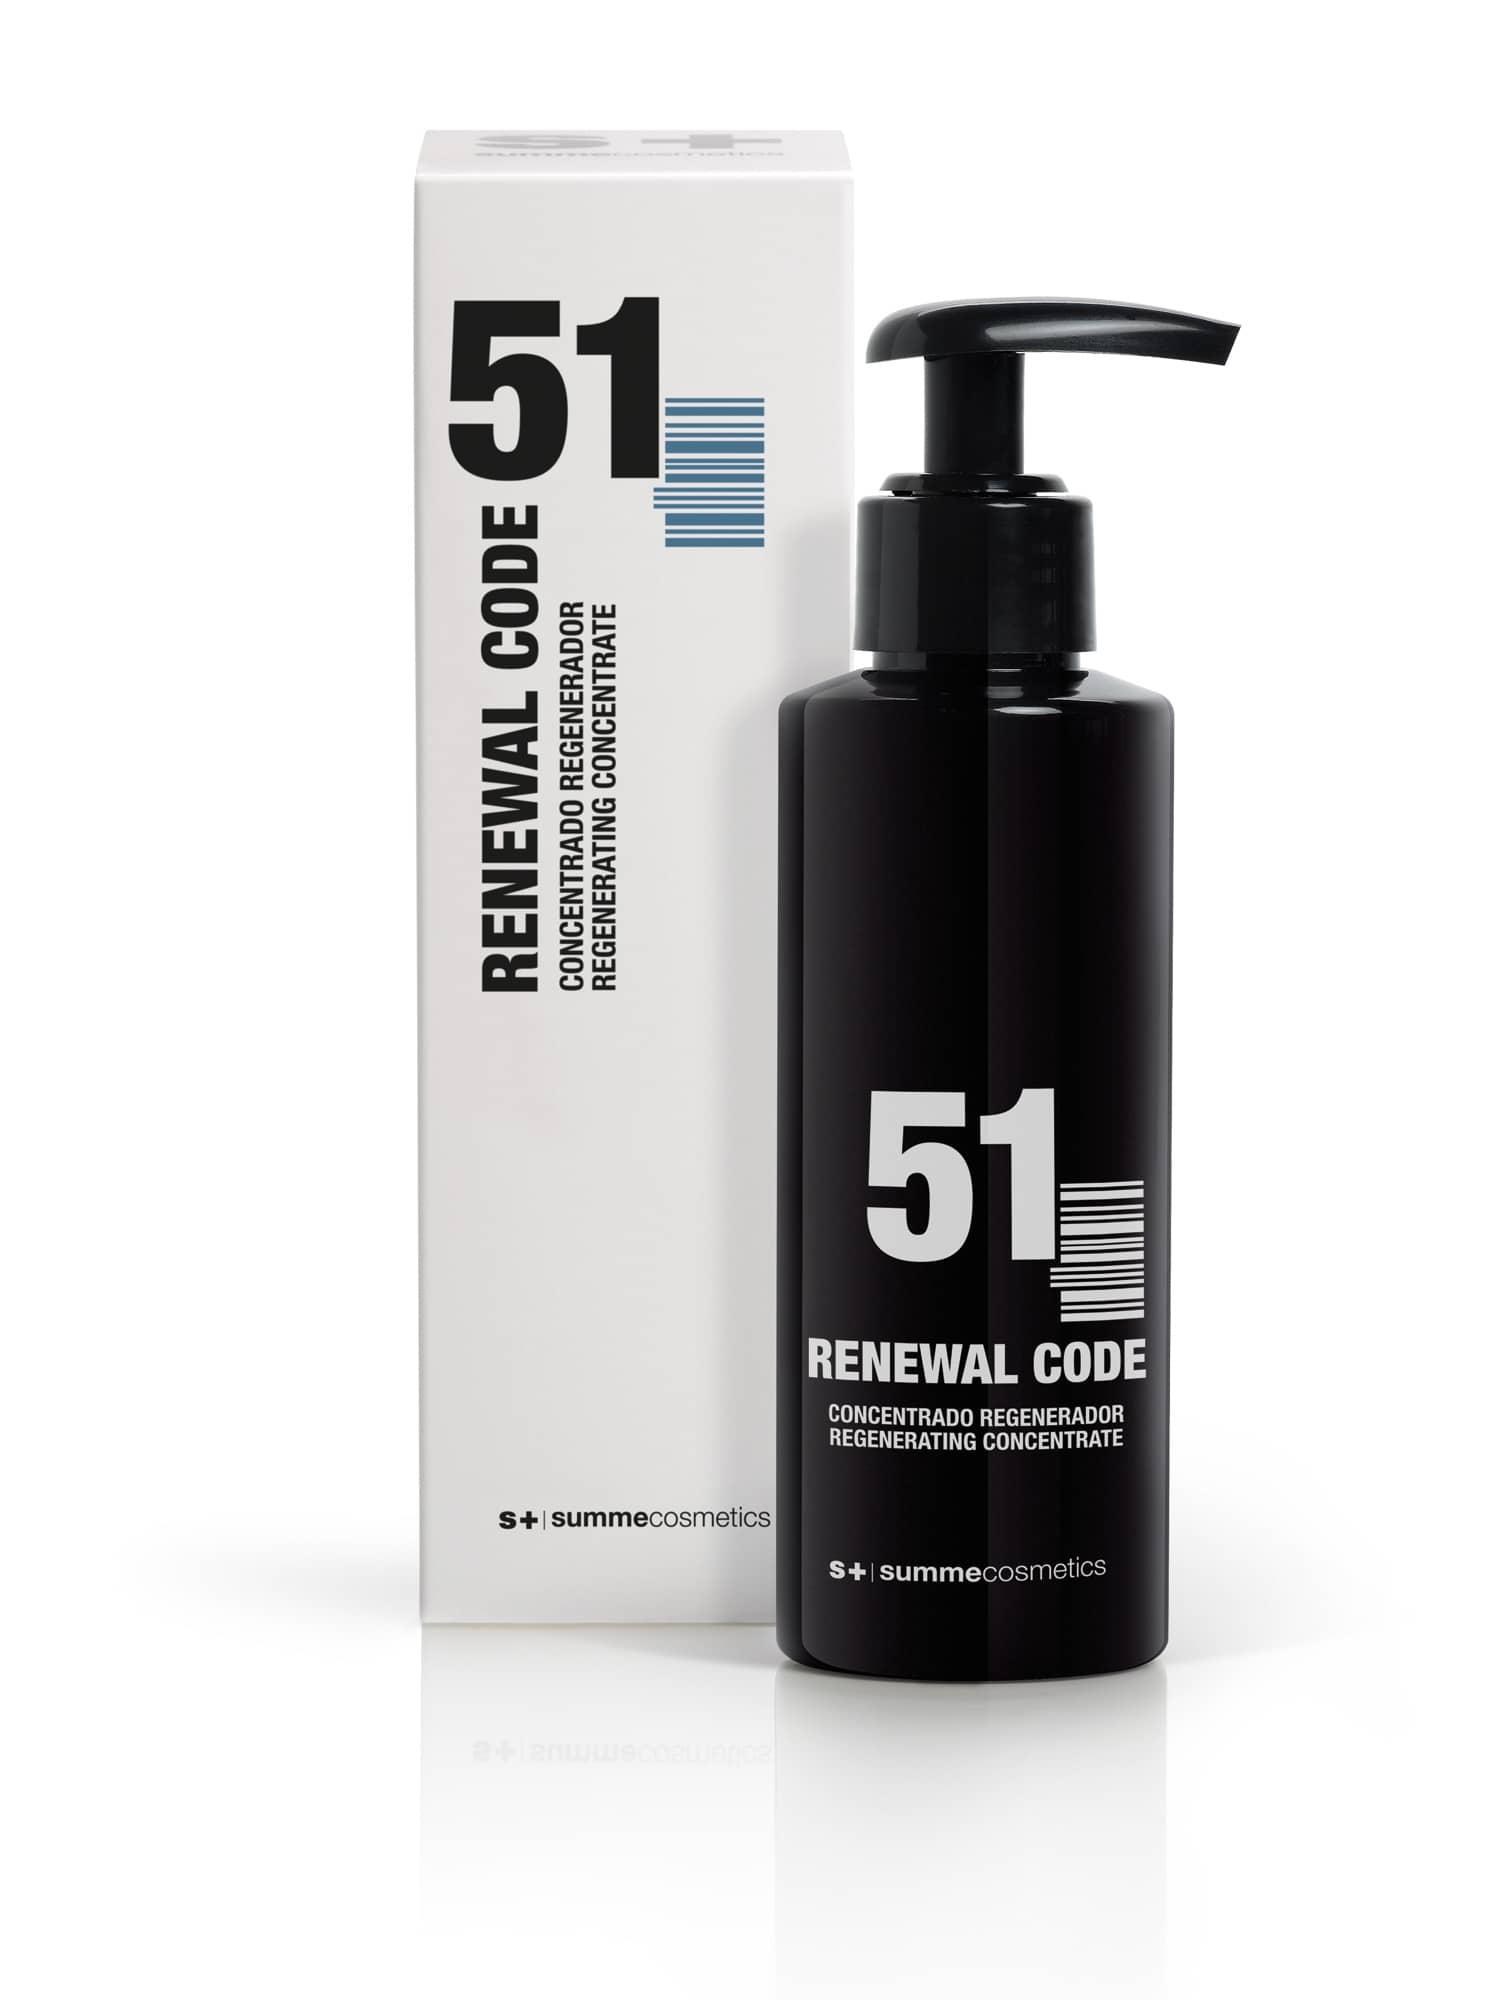 51 RENEWAL CODE 150 ML